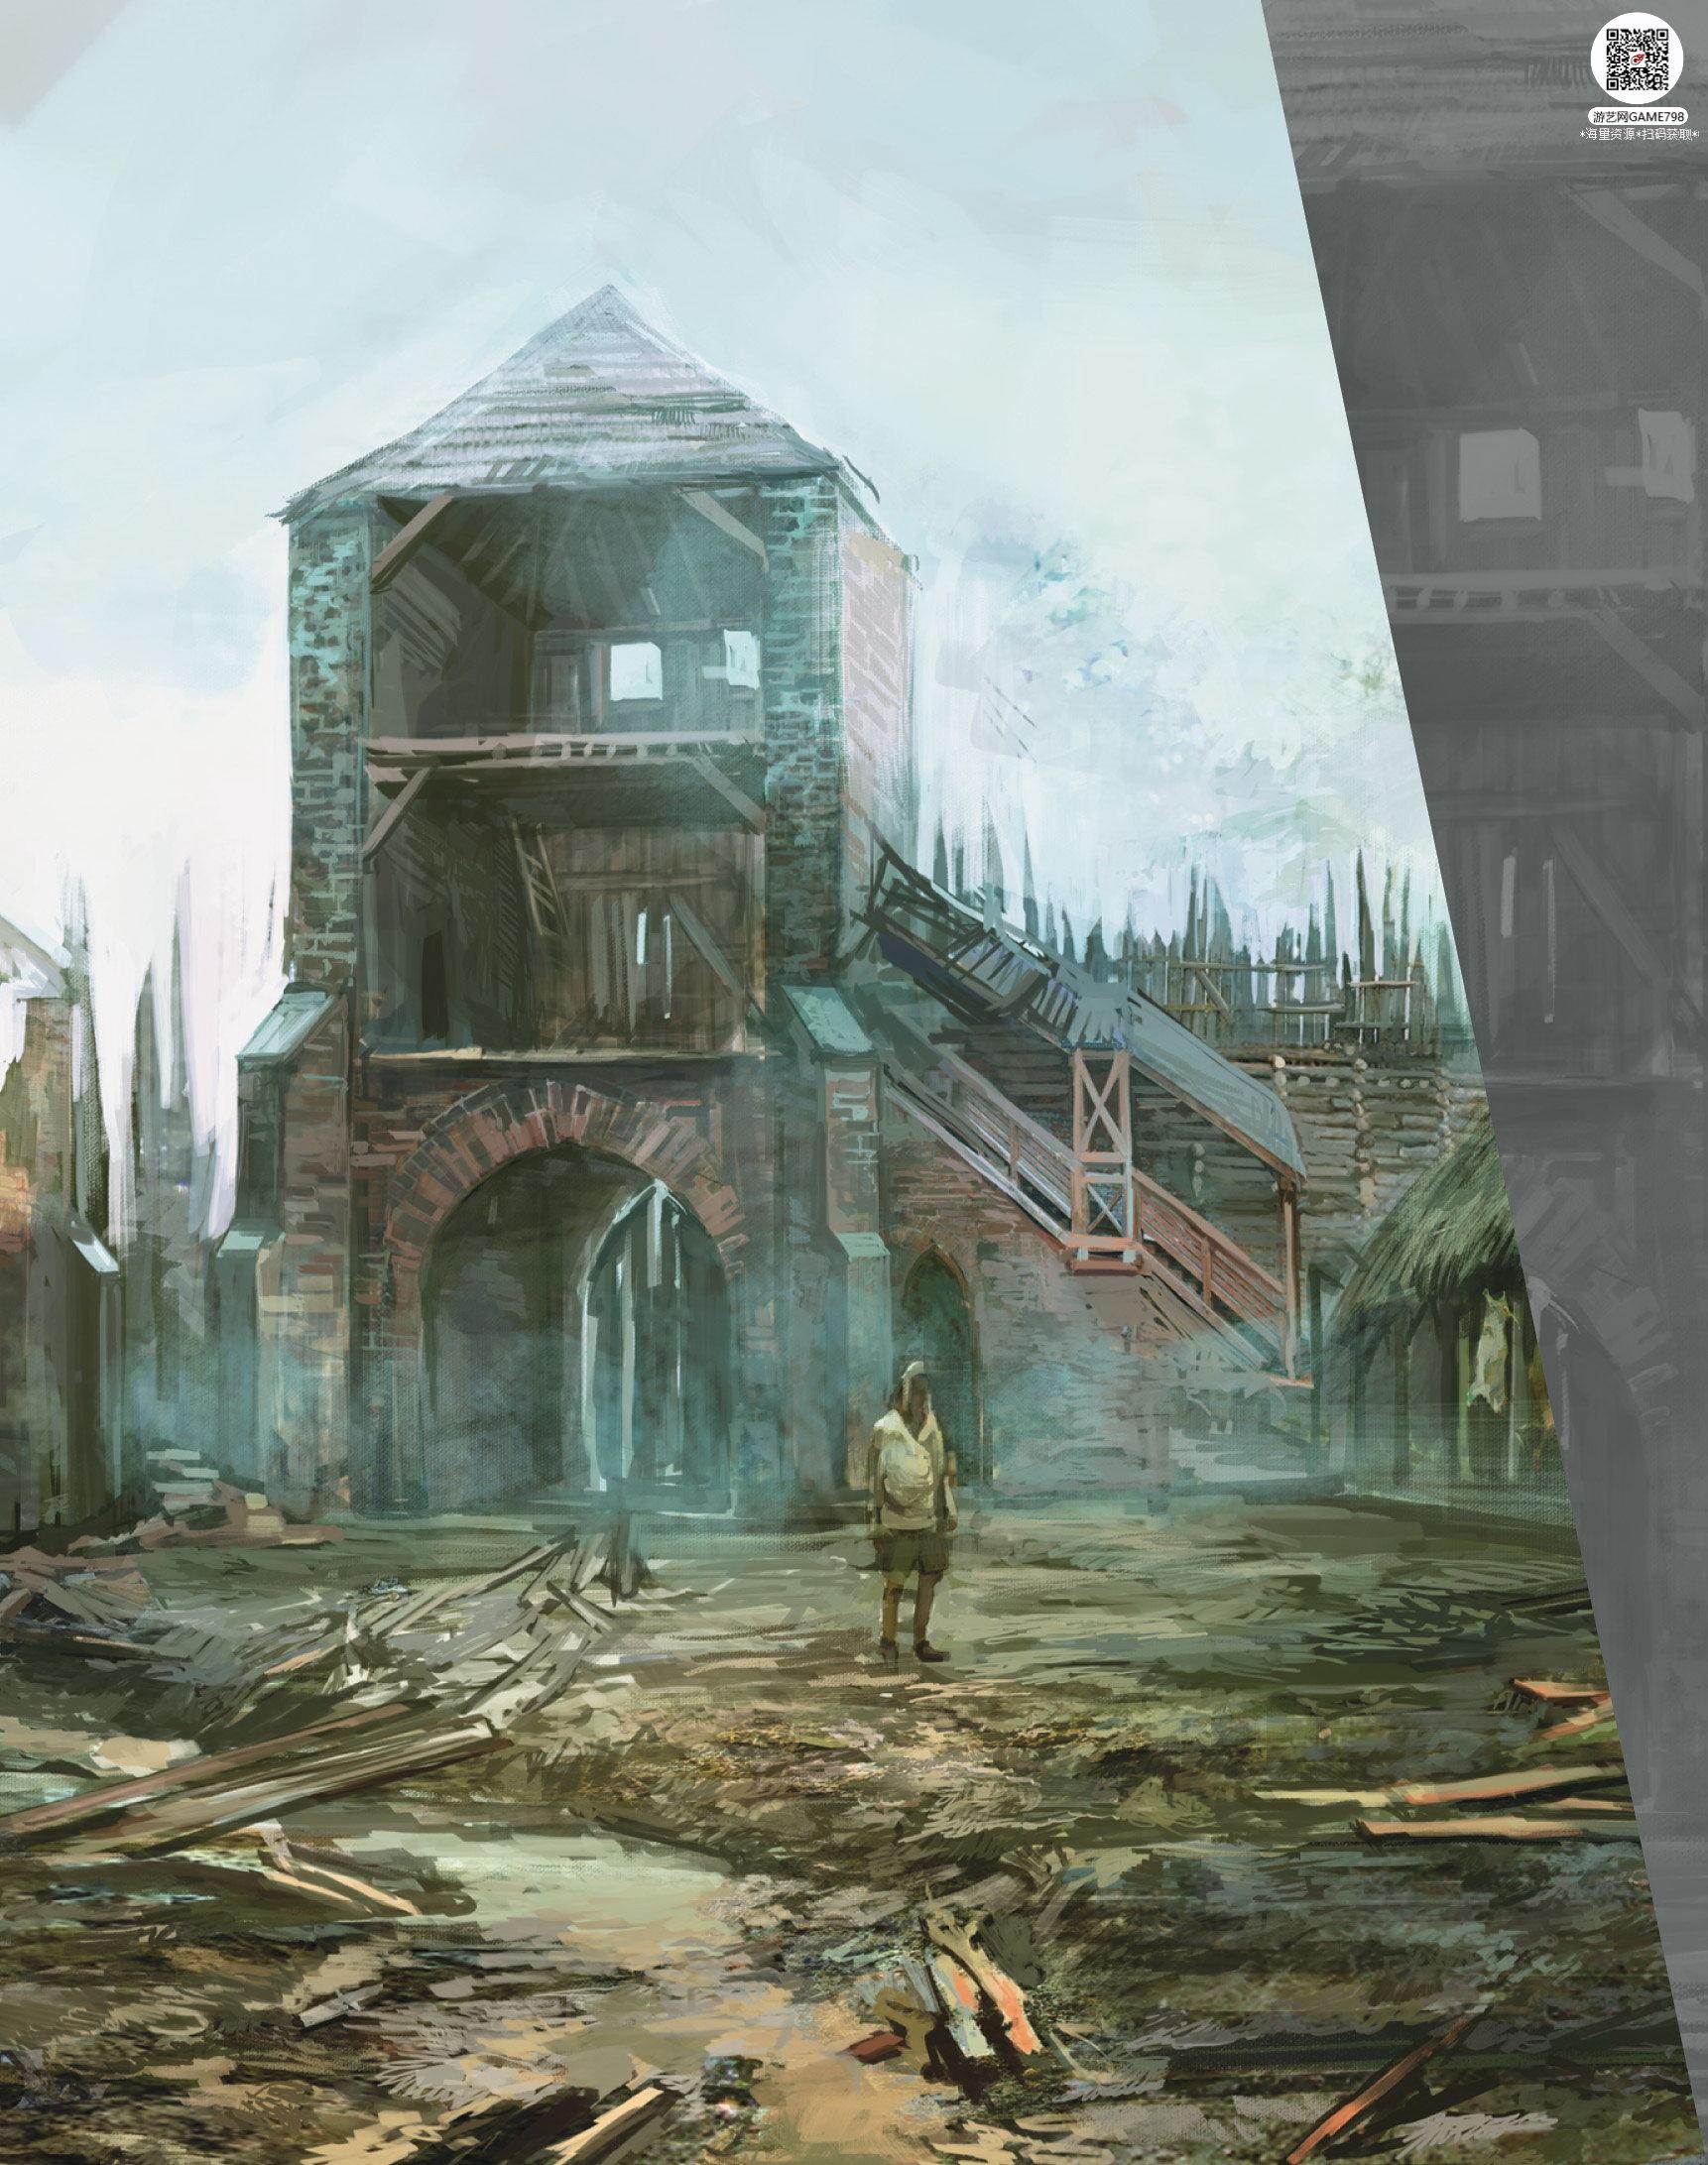 015_关注游艺网公众号获海量资源_次世代游戏巫师3(Witcher)官方原画概念设定.jpg